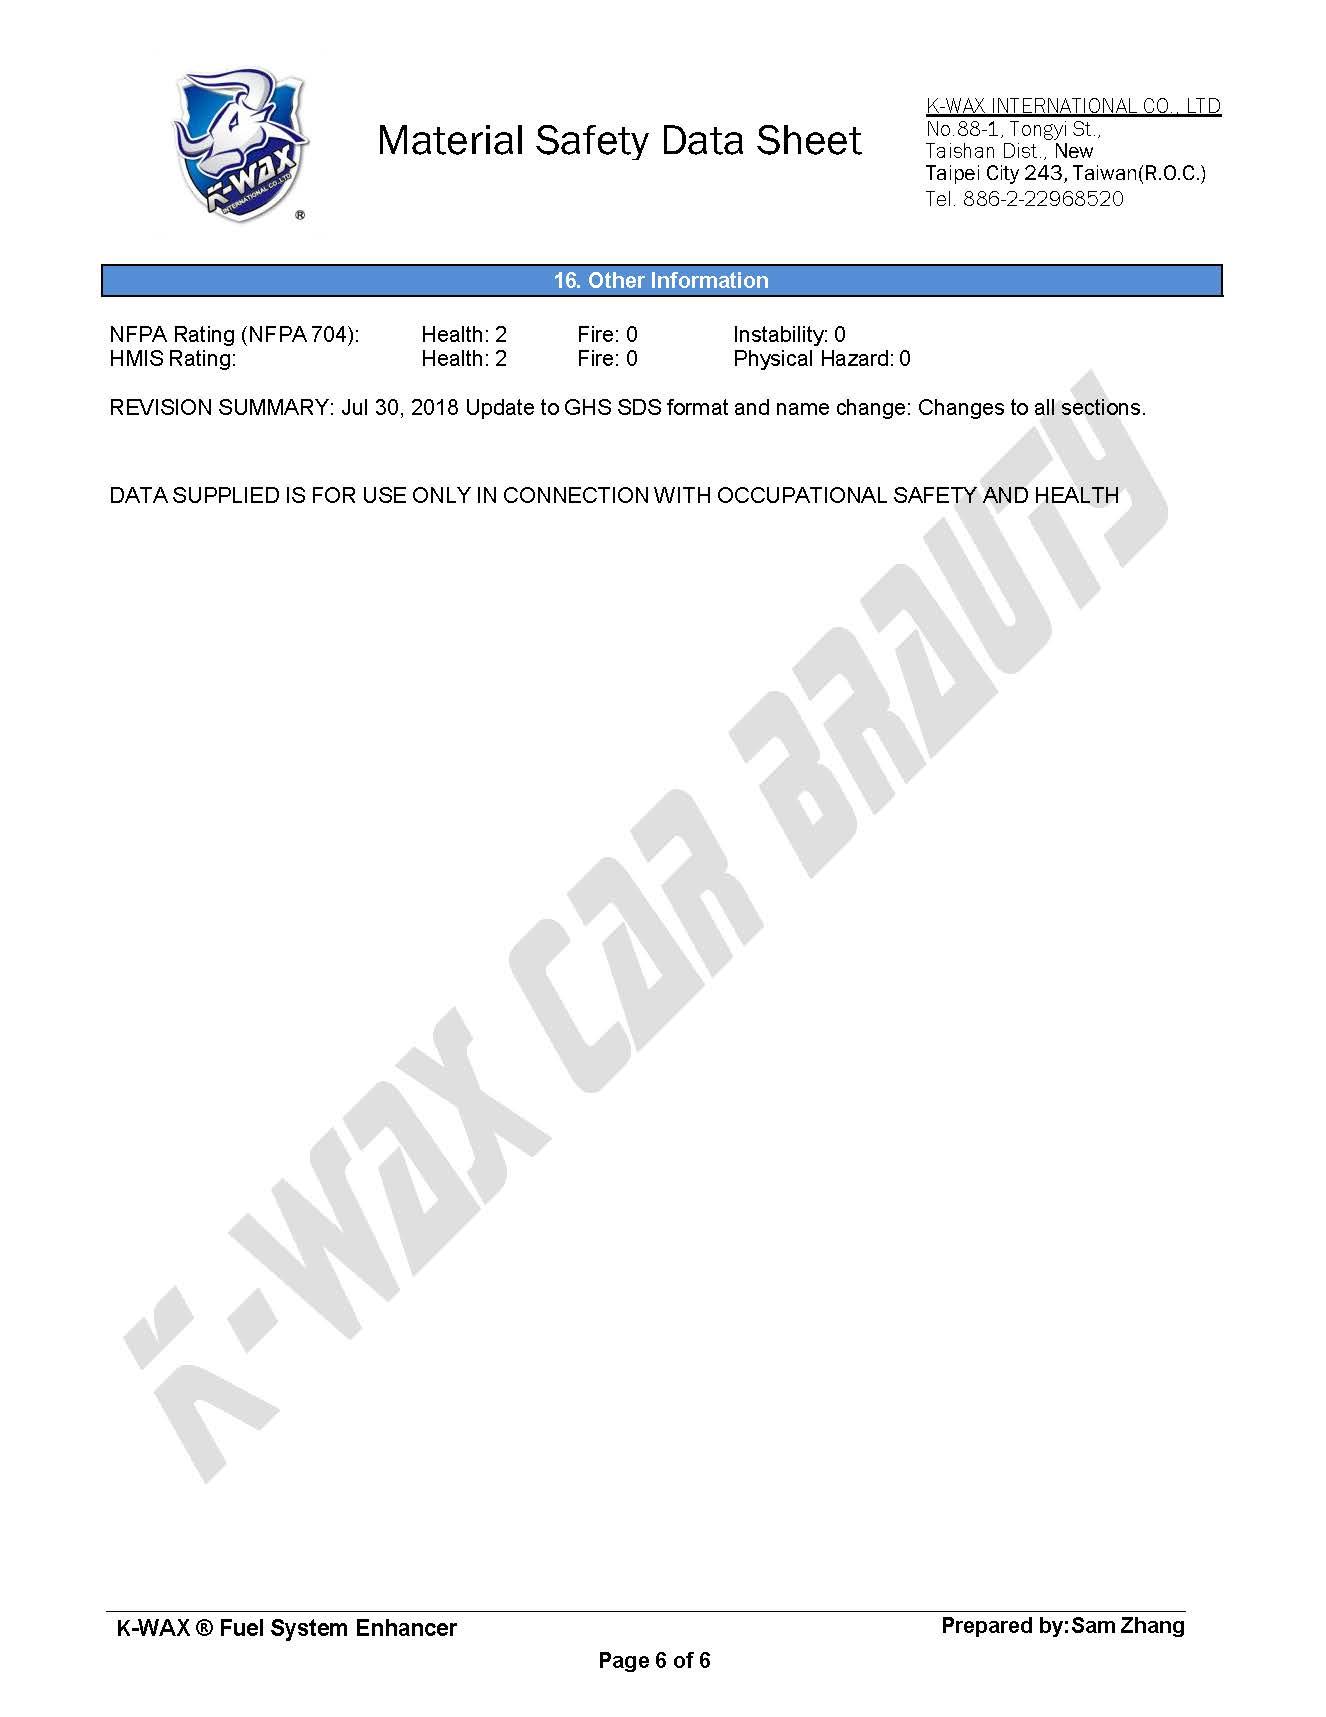 燃油系統強化劑 MSDS_页面_6.jpg